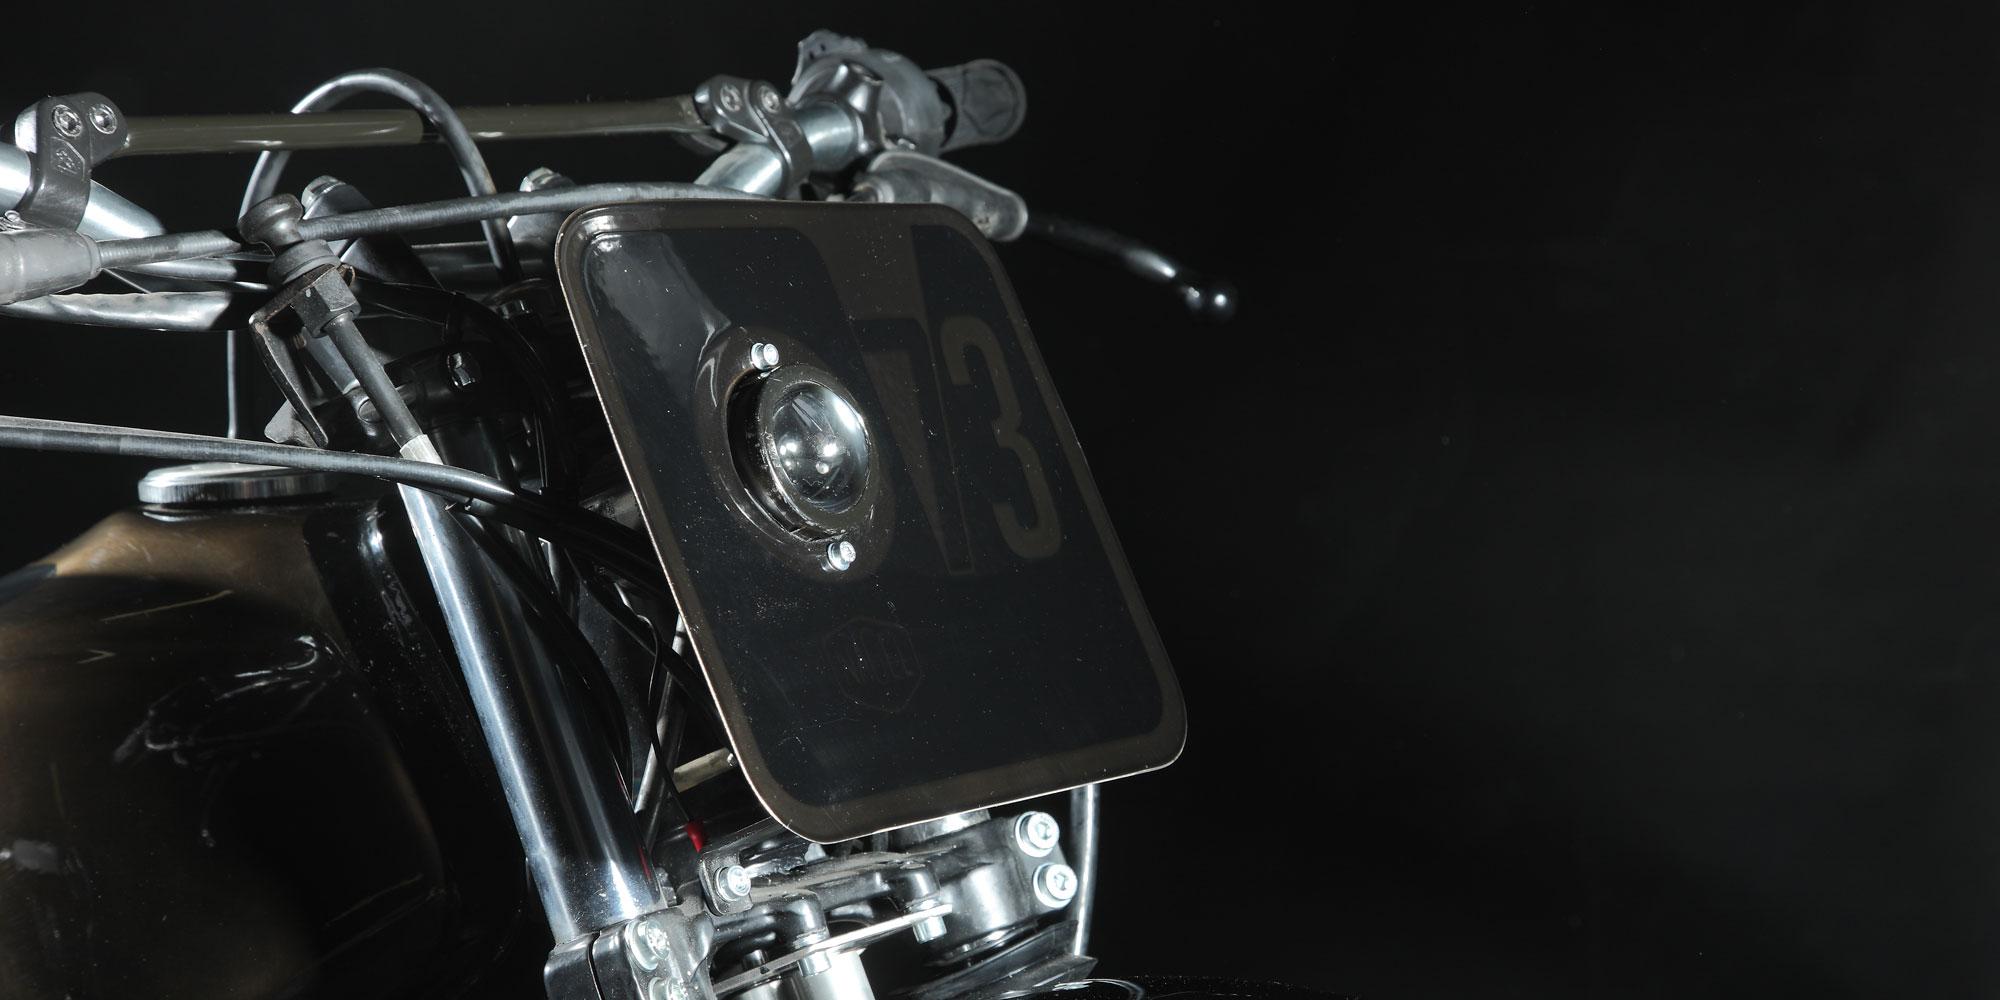 Honda XL 250 VintageX